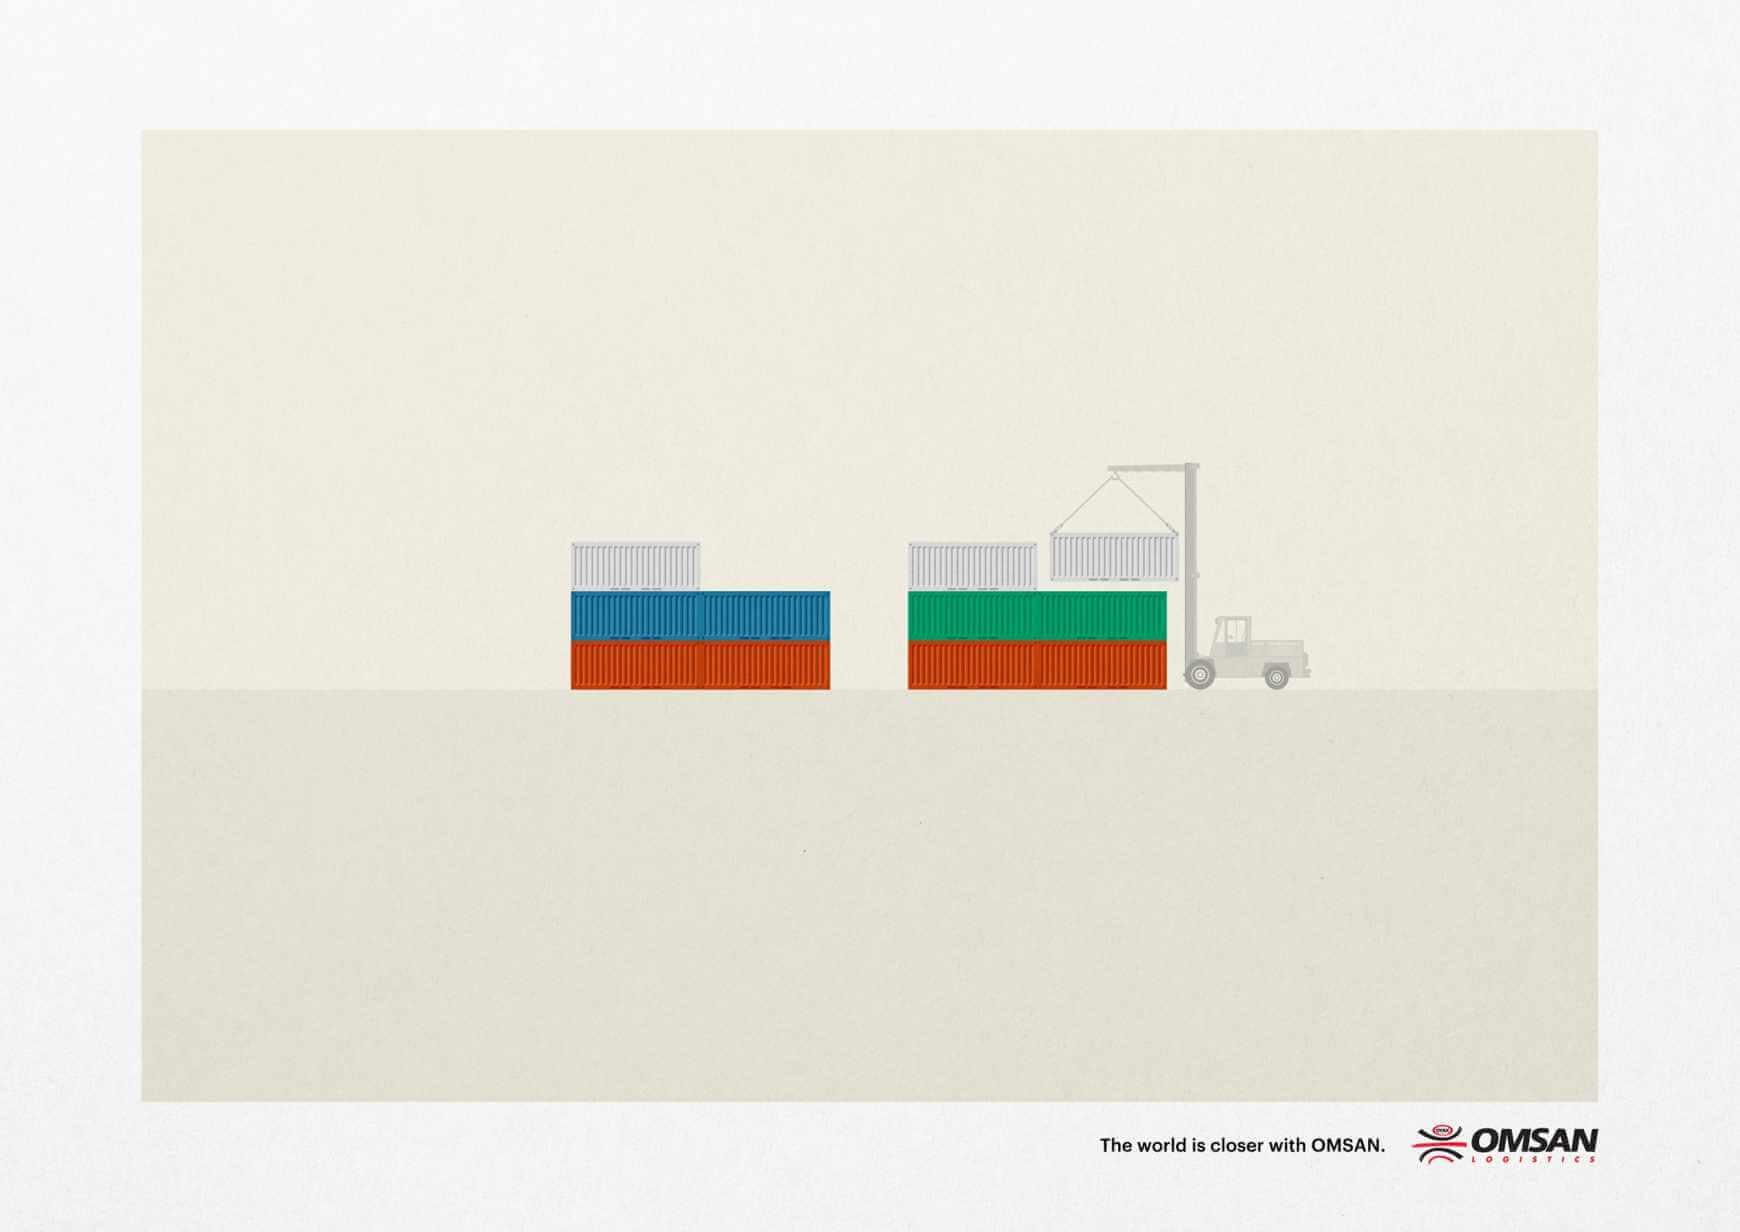 #CuandoLaPublicidad: No tiene fronteras.